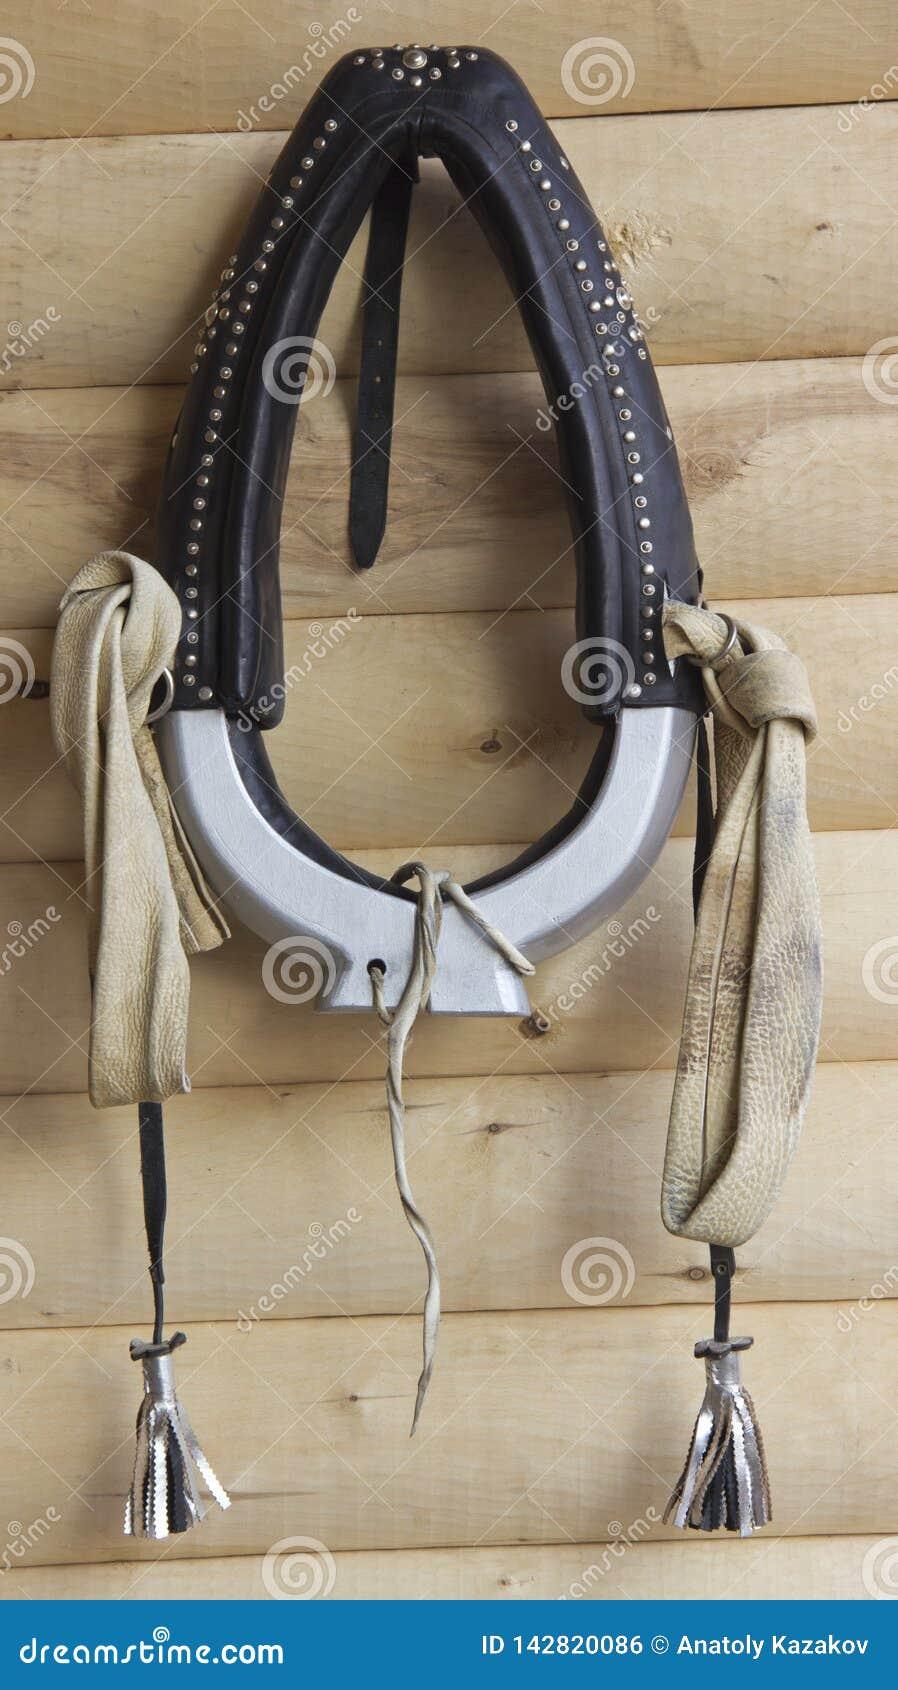 A horse collar